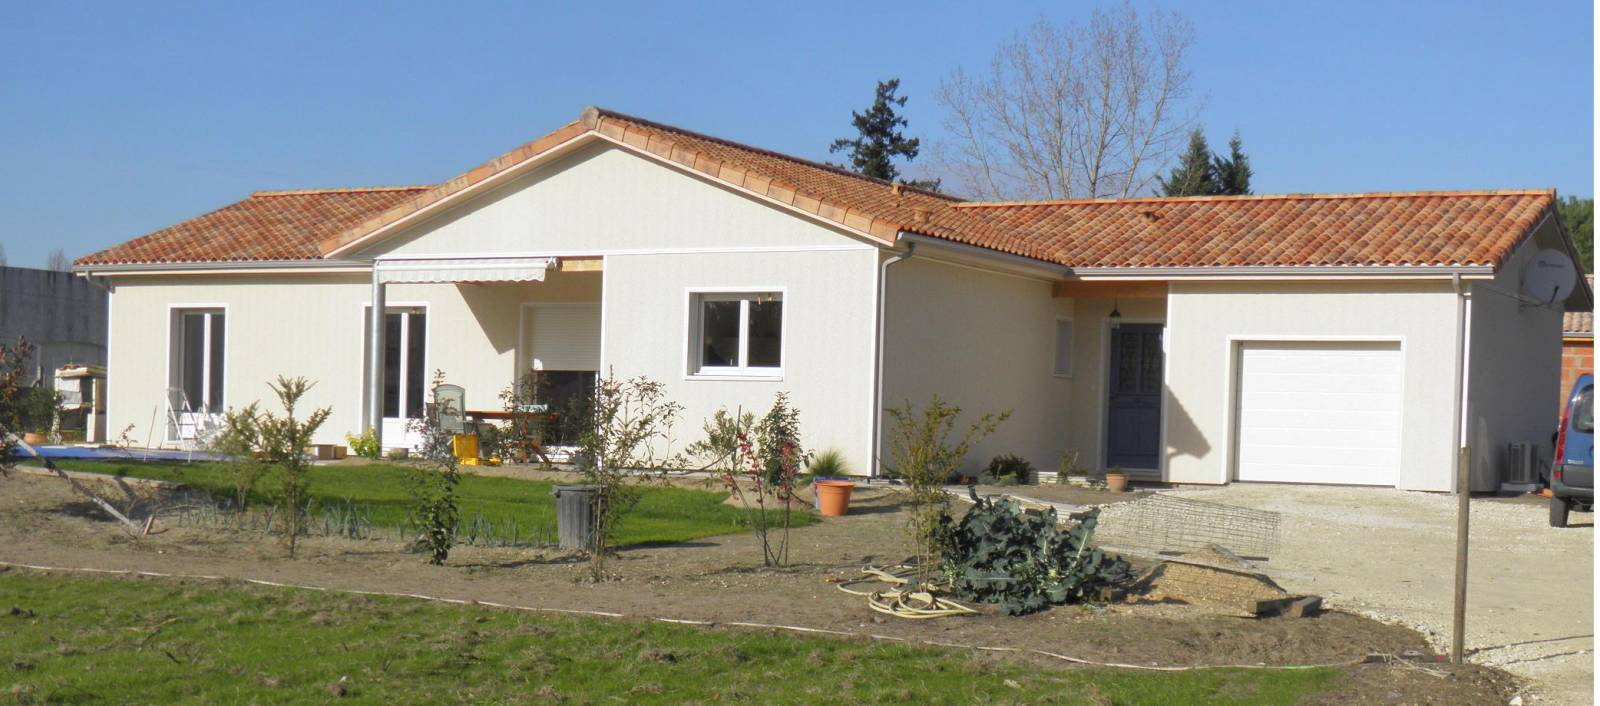 construction bois réf 1819 près de St André de Cubzac Gironde (33 ~ Construction Bois Gironde